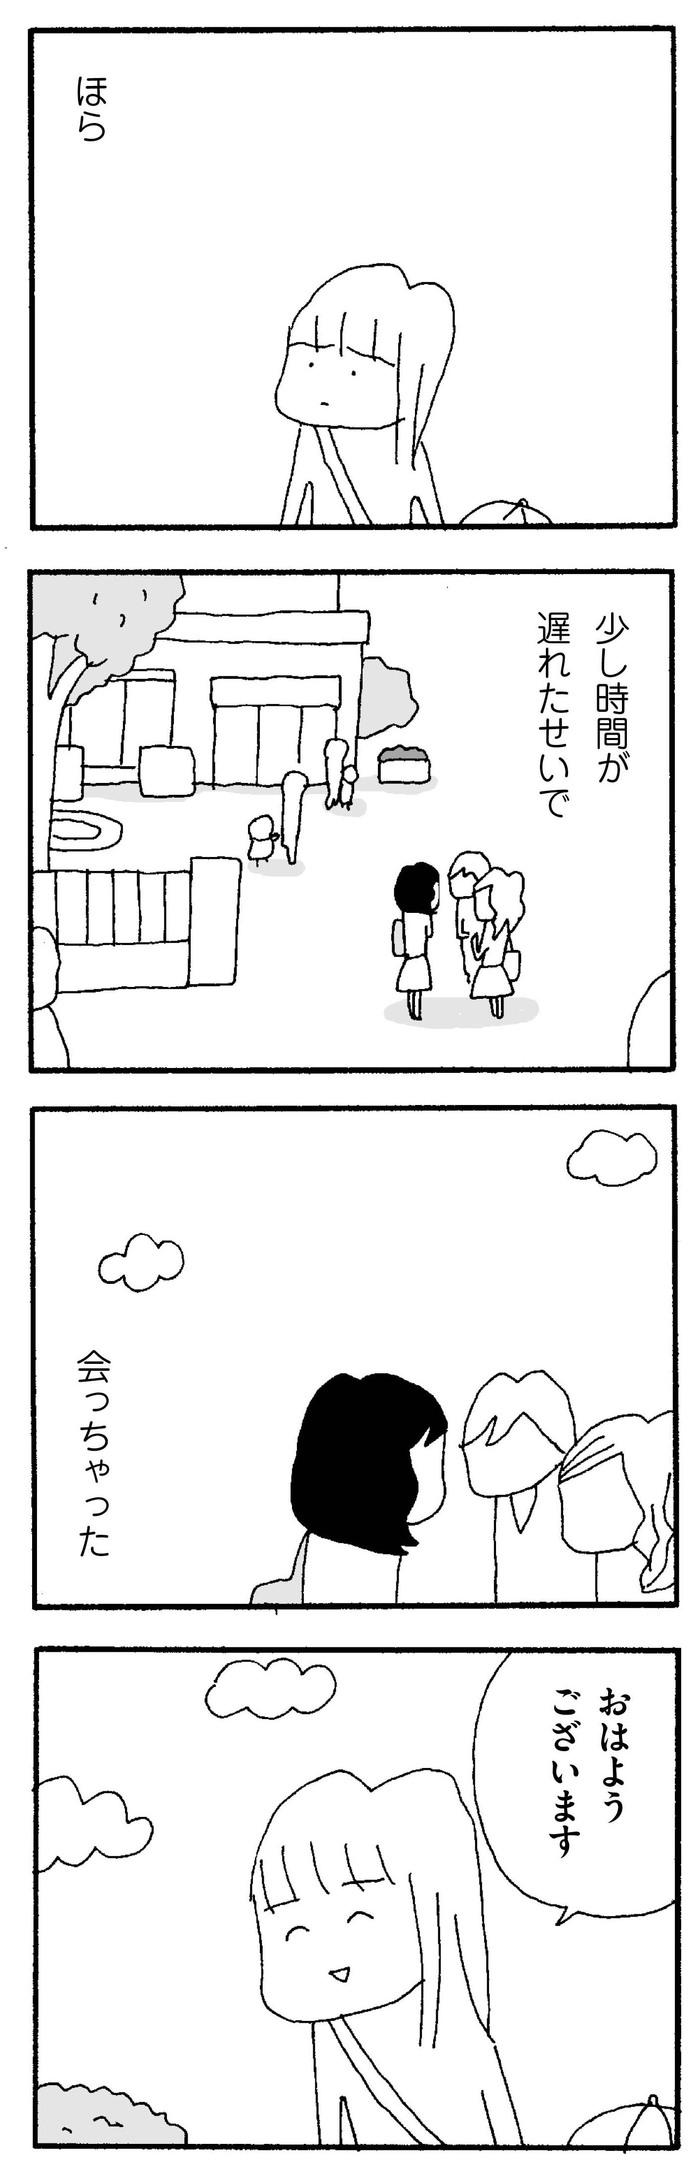 【連載】ママ友がこわい 第1話 「私たちあんなに仲良しだったのに・・・」の画像4